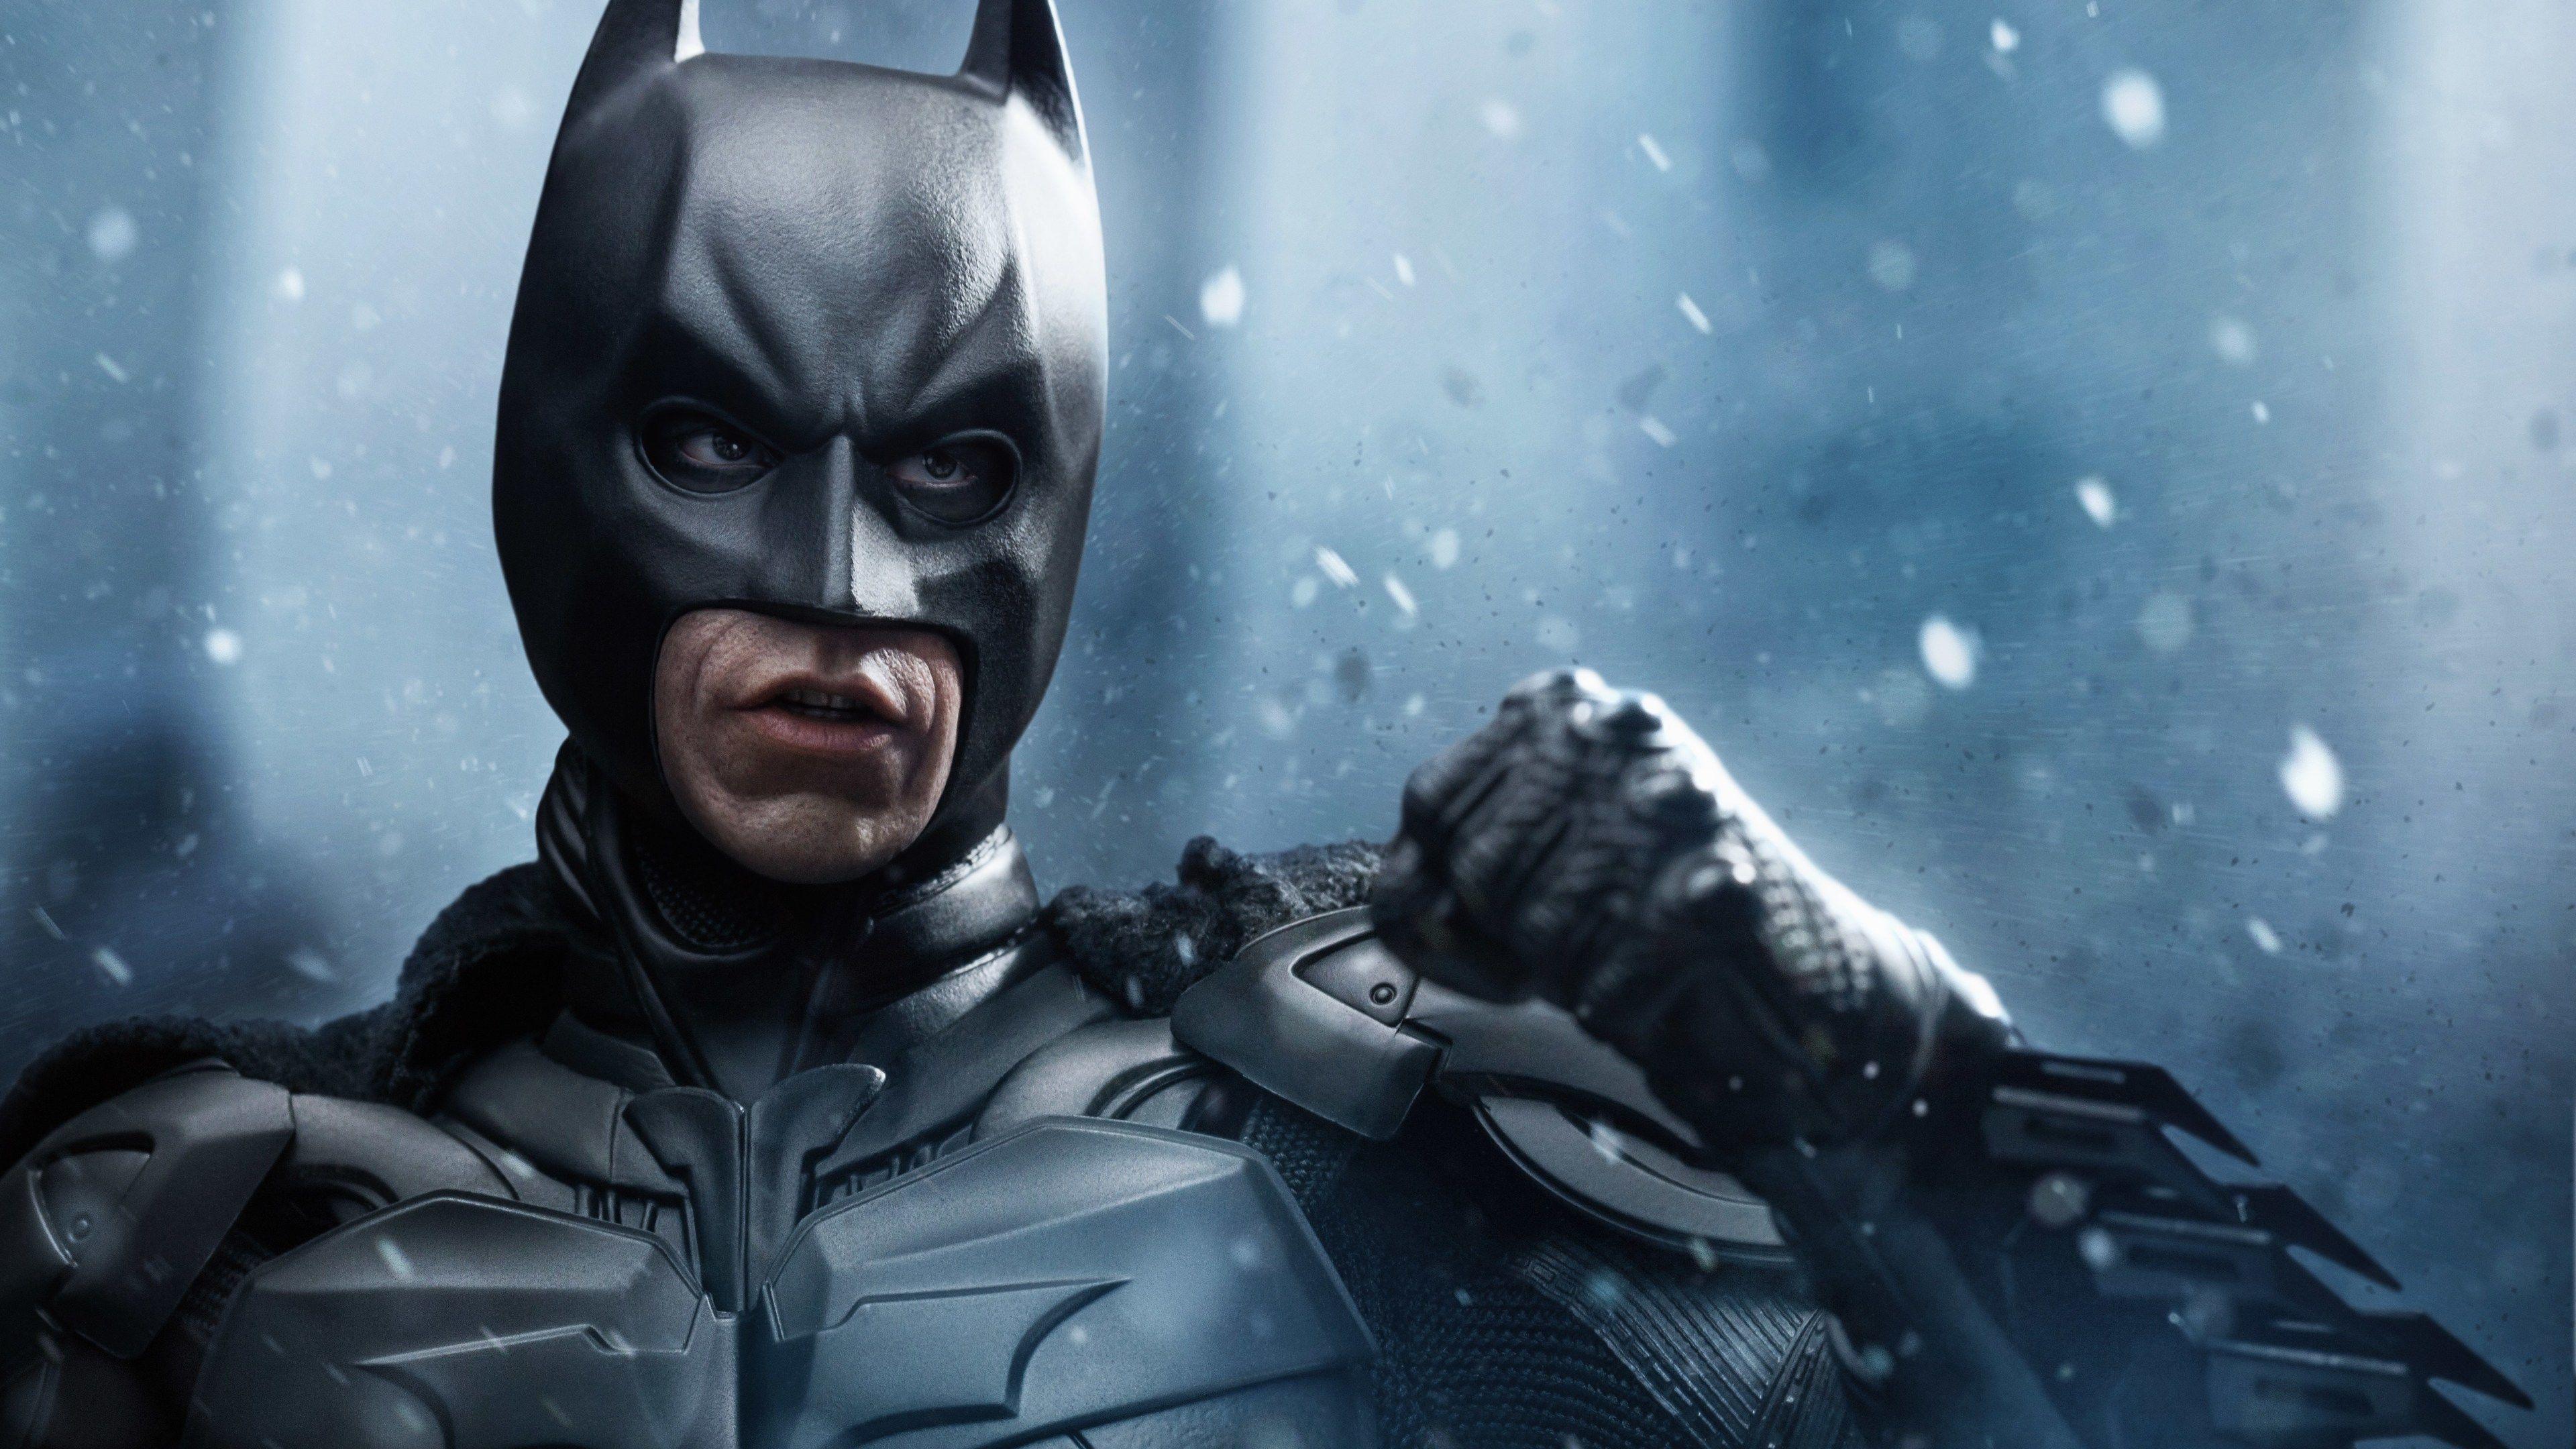 Dark Knight 4k Superheroes Wallpapers Hd Wallpapers Batman Wallpapers 4k Wallpapers Batman Wallpaper Superhero Dark Knight